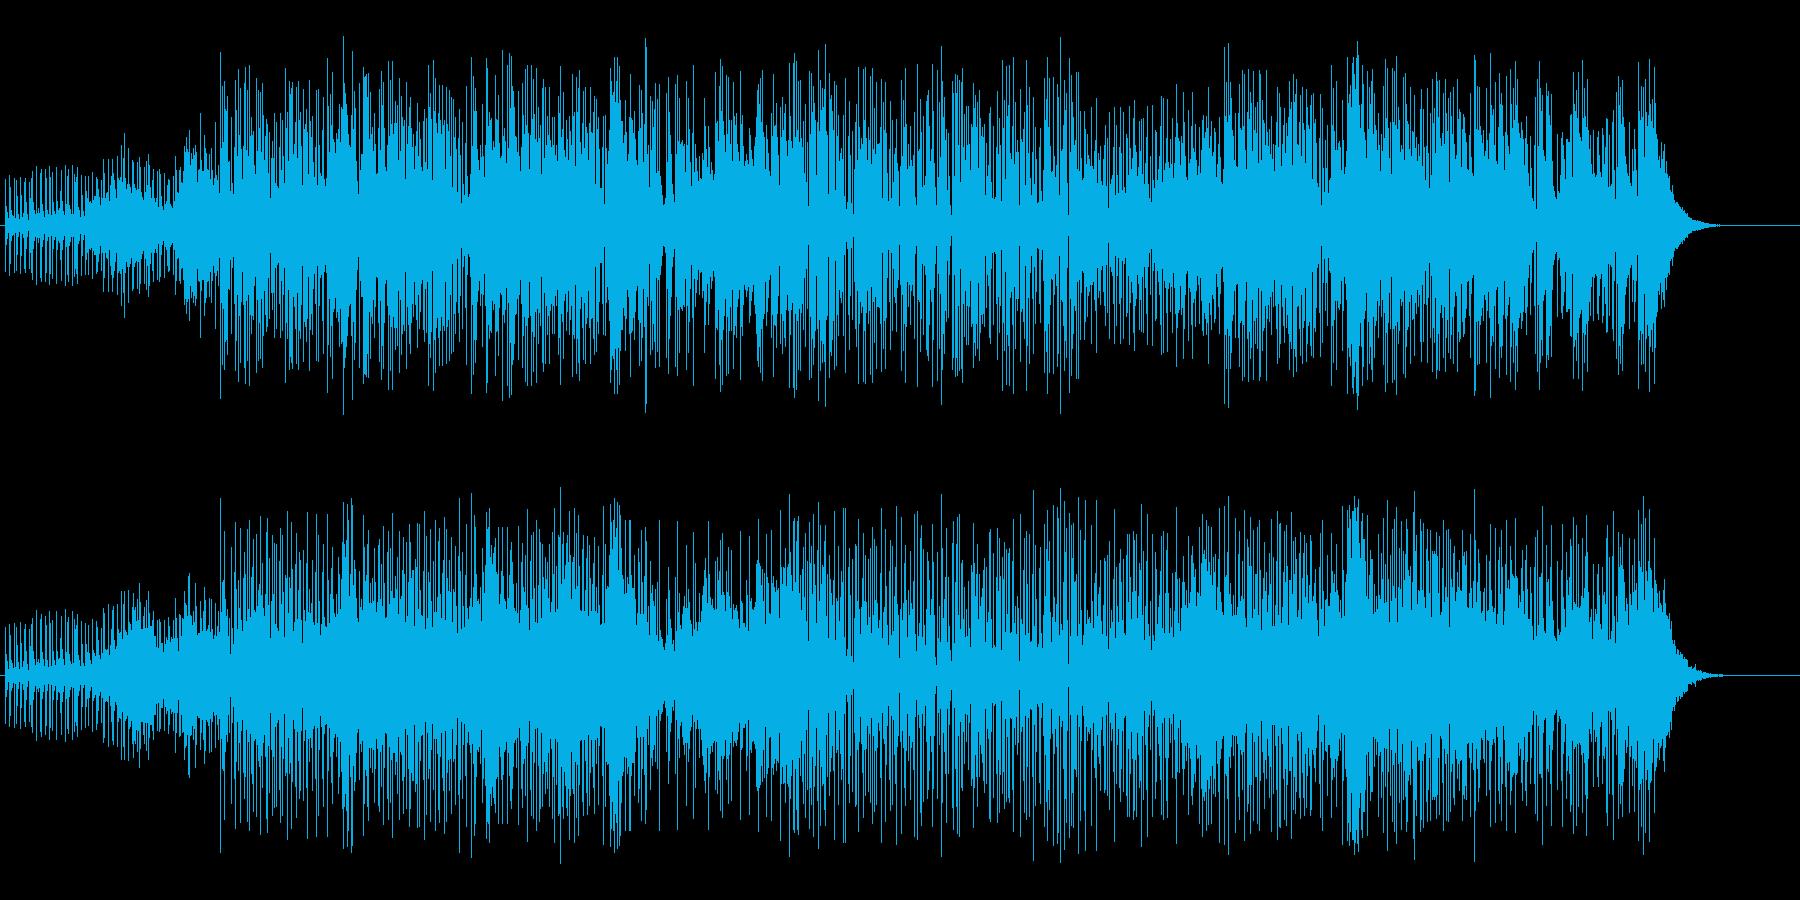 クラブ・シーンのクールなハウス/テクノの再生済みの波形